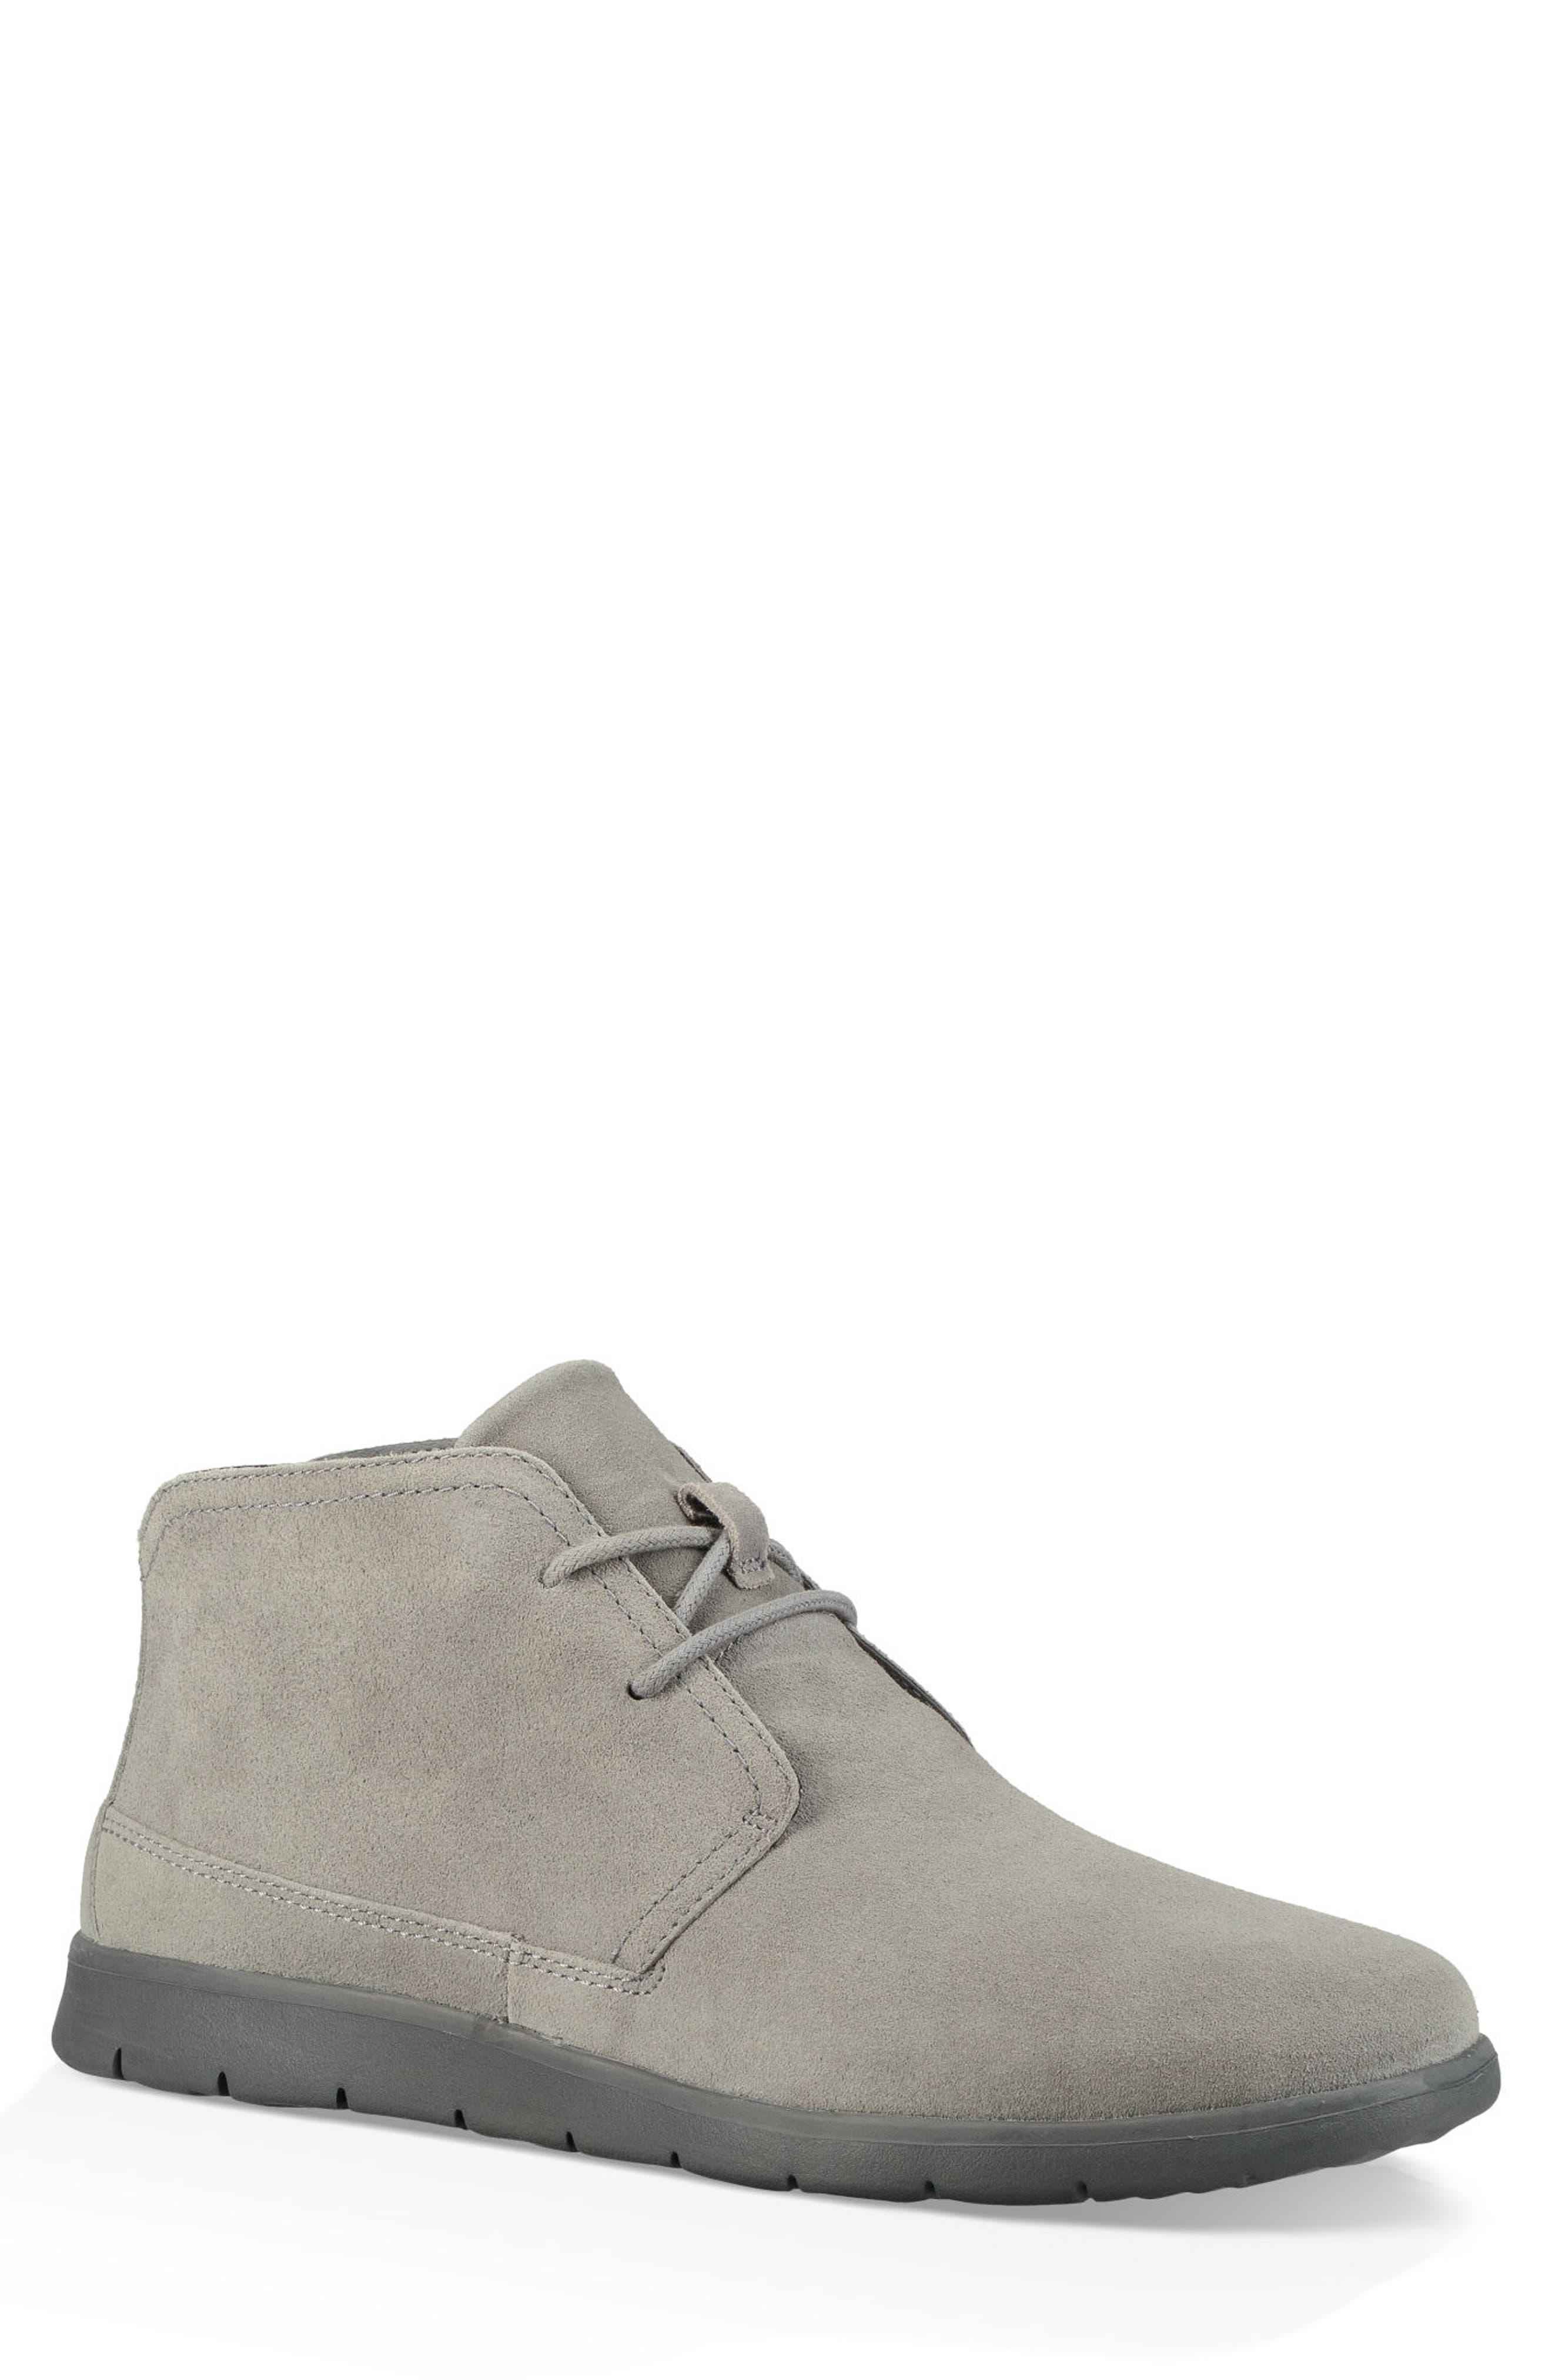 Ugg Dustin Chukka Boot, Grey